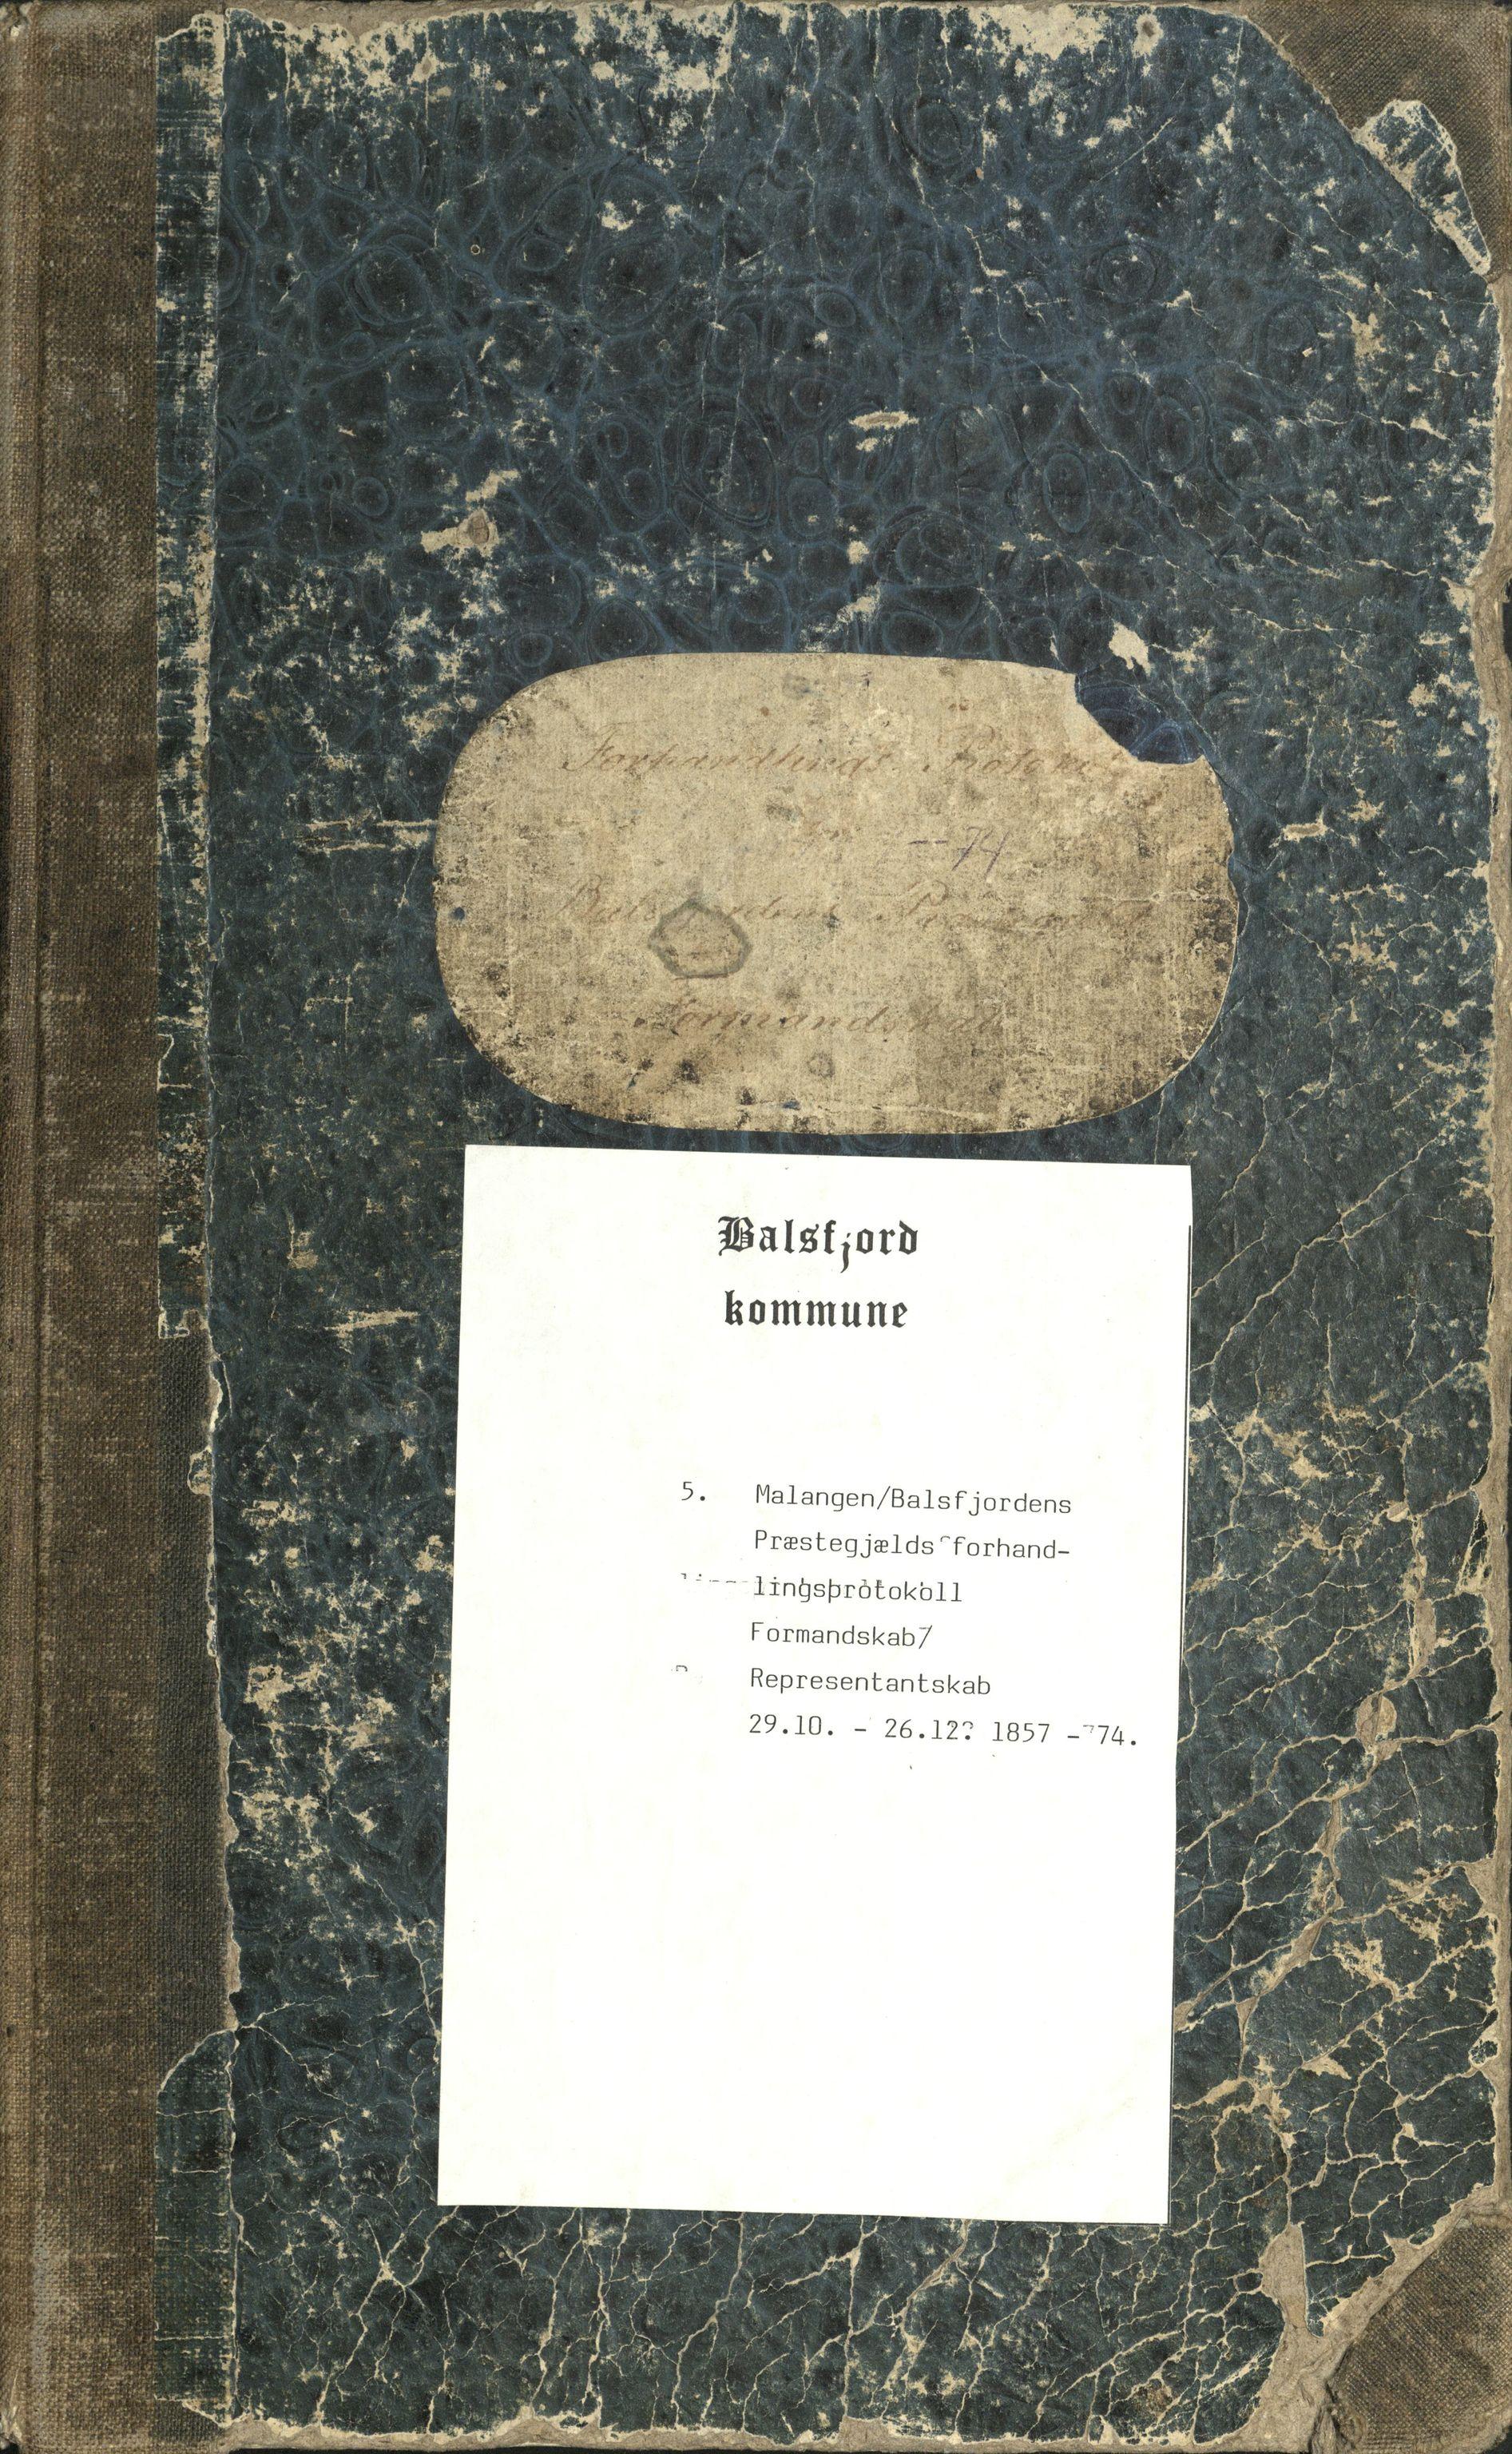 AT, Balsfjord kommune, -: Malangen og Balsfjord prestegjelds formannskap/representantskap - forhandlingsprotokoll, 1857-1874